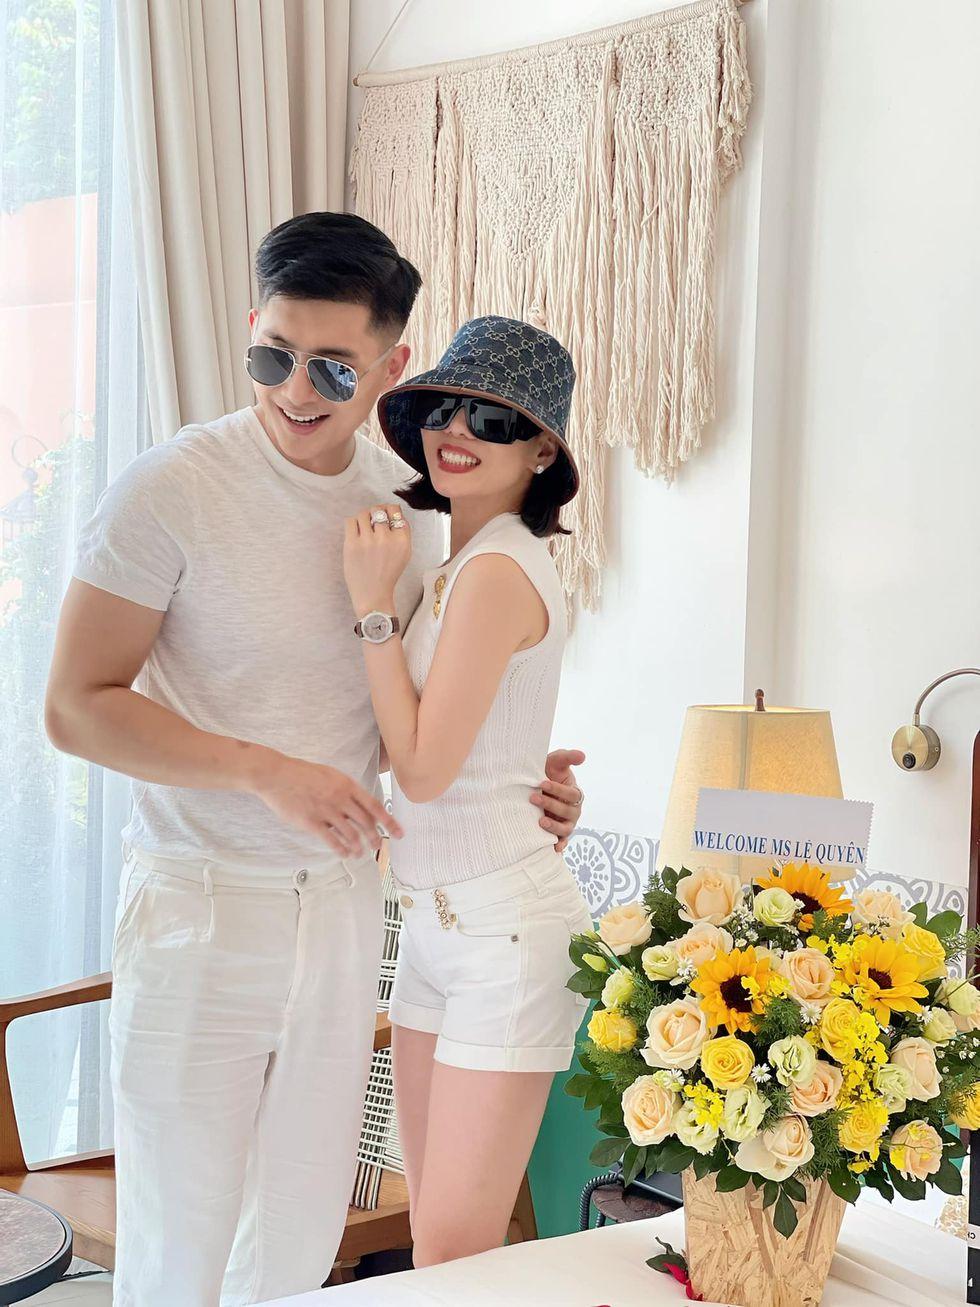 Lệ Quyên đón sinh nhật lãng mạn bên tình trẻ mà như lễ cưới, rắc cẩu lương khiến ai đọc cũng ghen tị